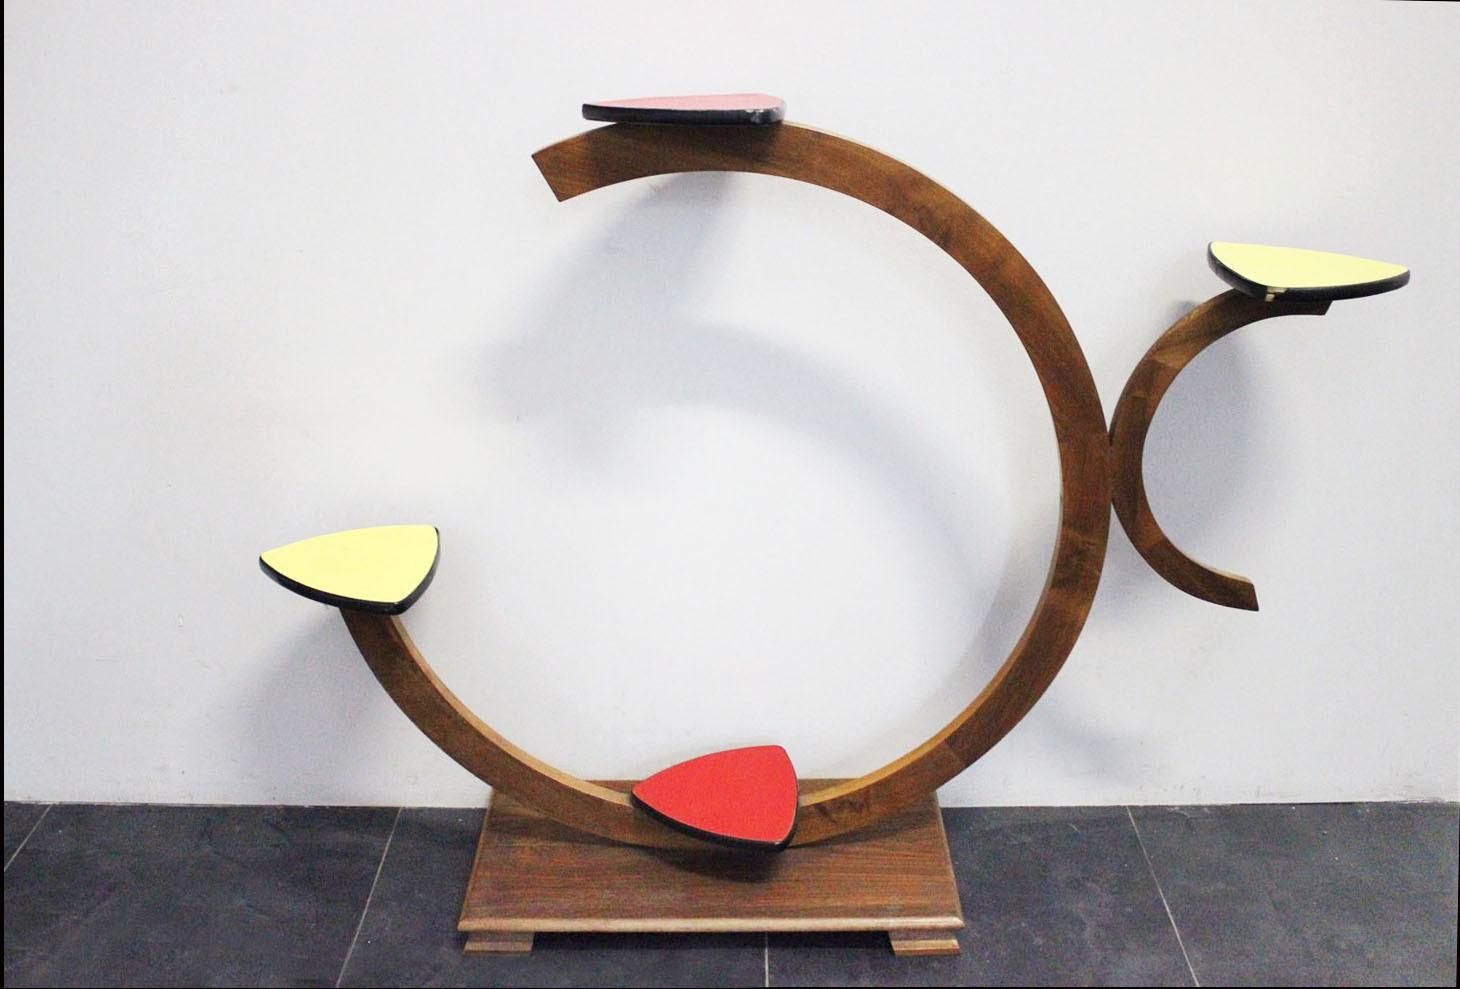 Portavasi in legno anni 39 60 marco polo antiques online for Portavasi in legno